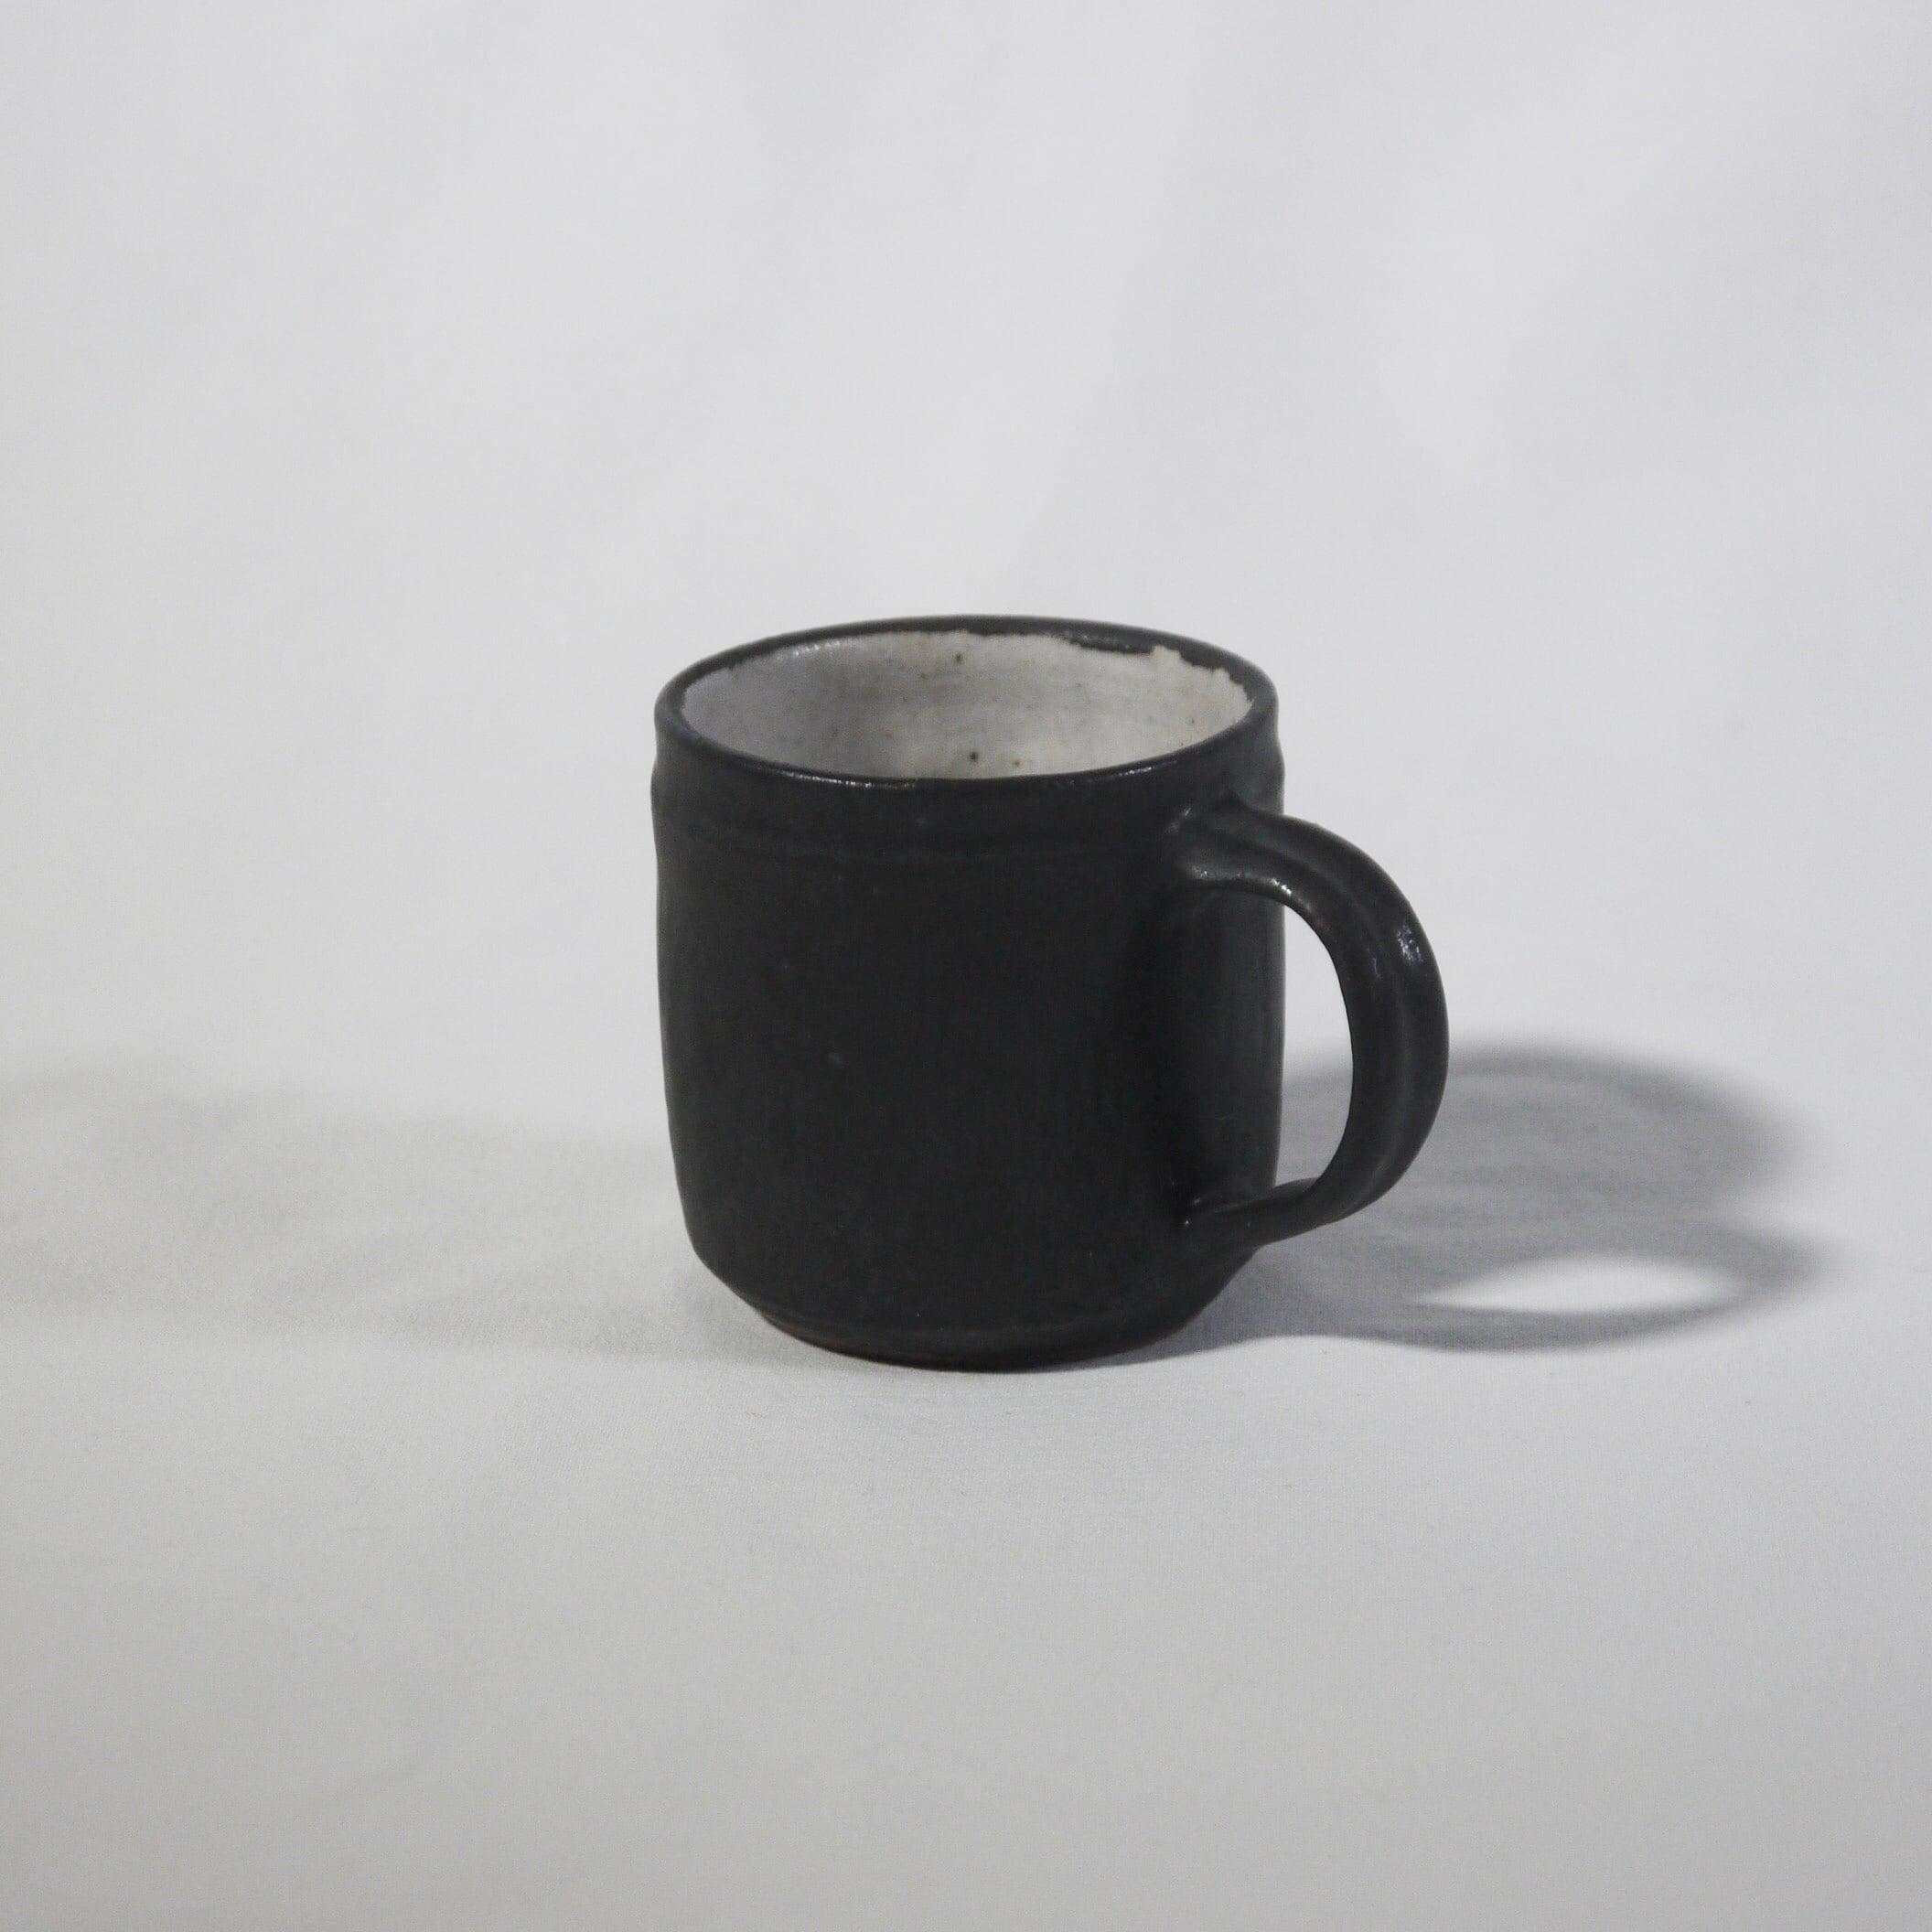 【薬師寺和夫】Fカップ 黒